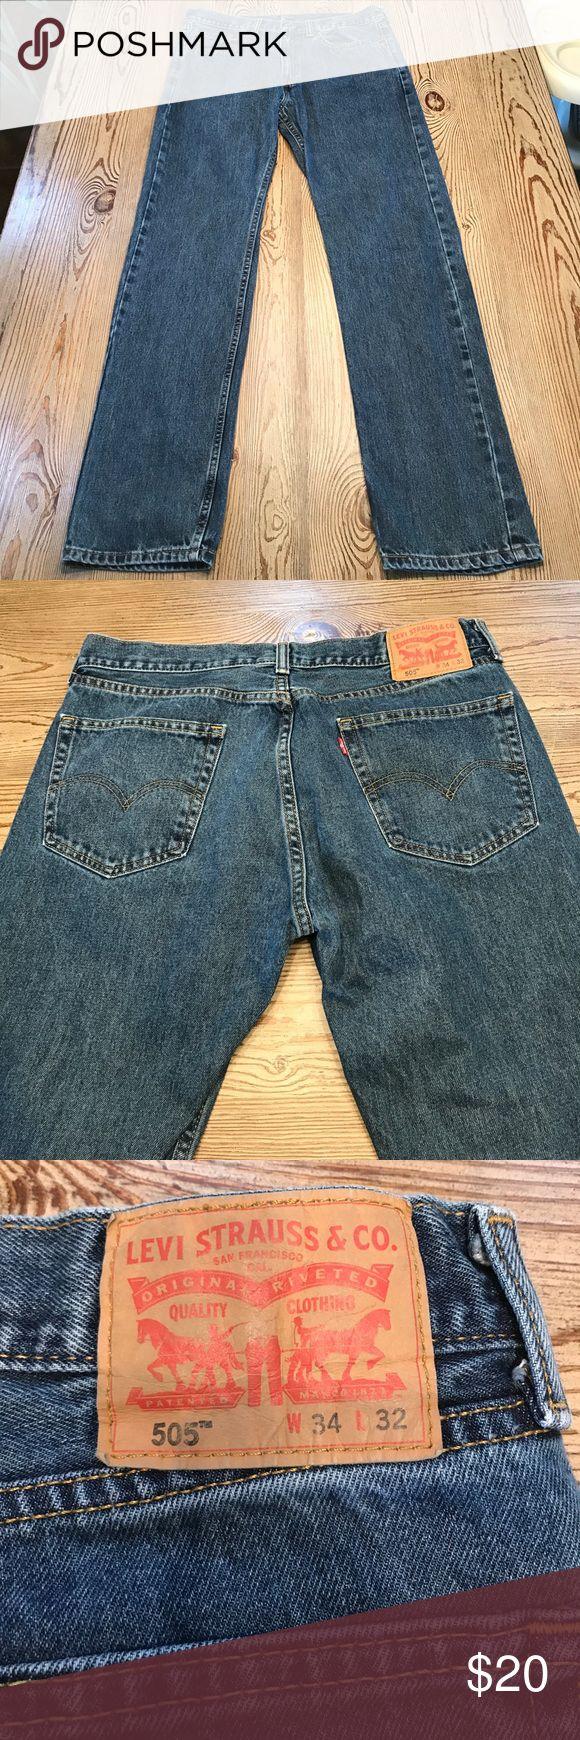 Men's Levi's Excellent condition Levi's Jeans